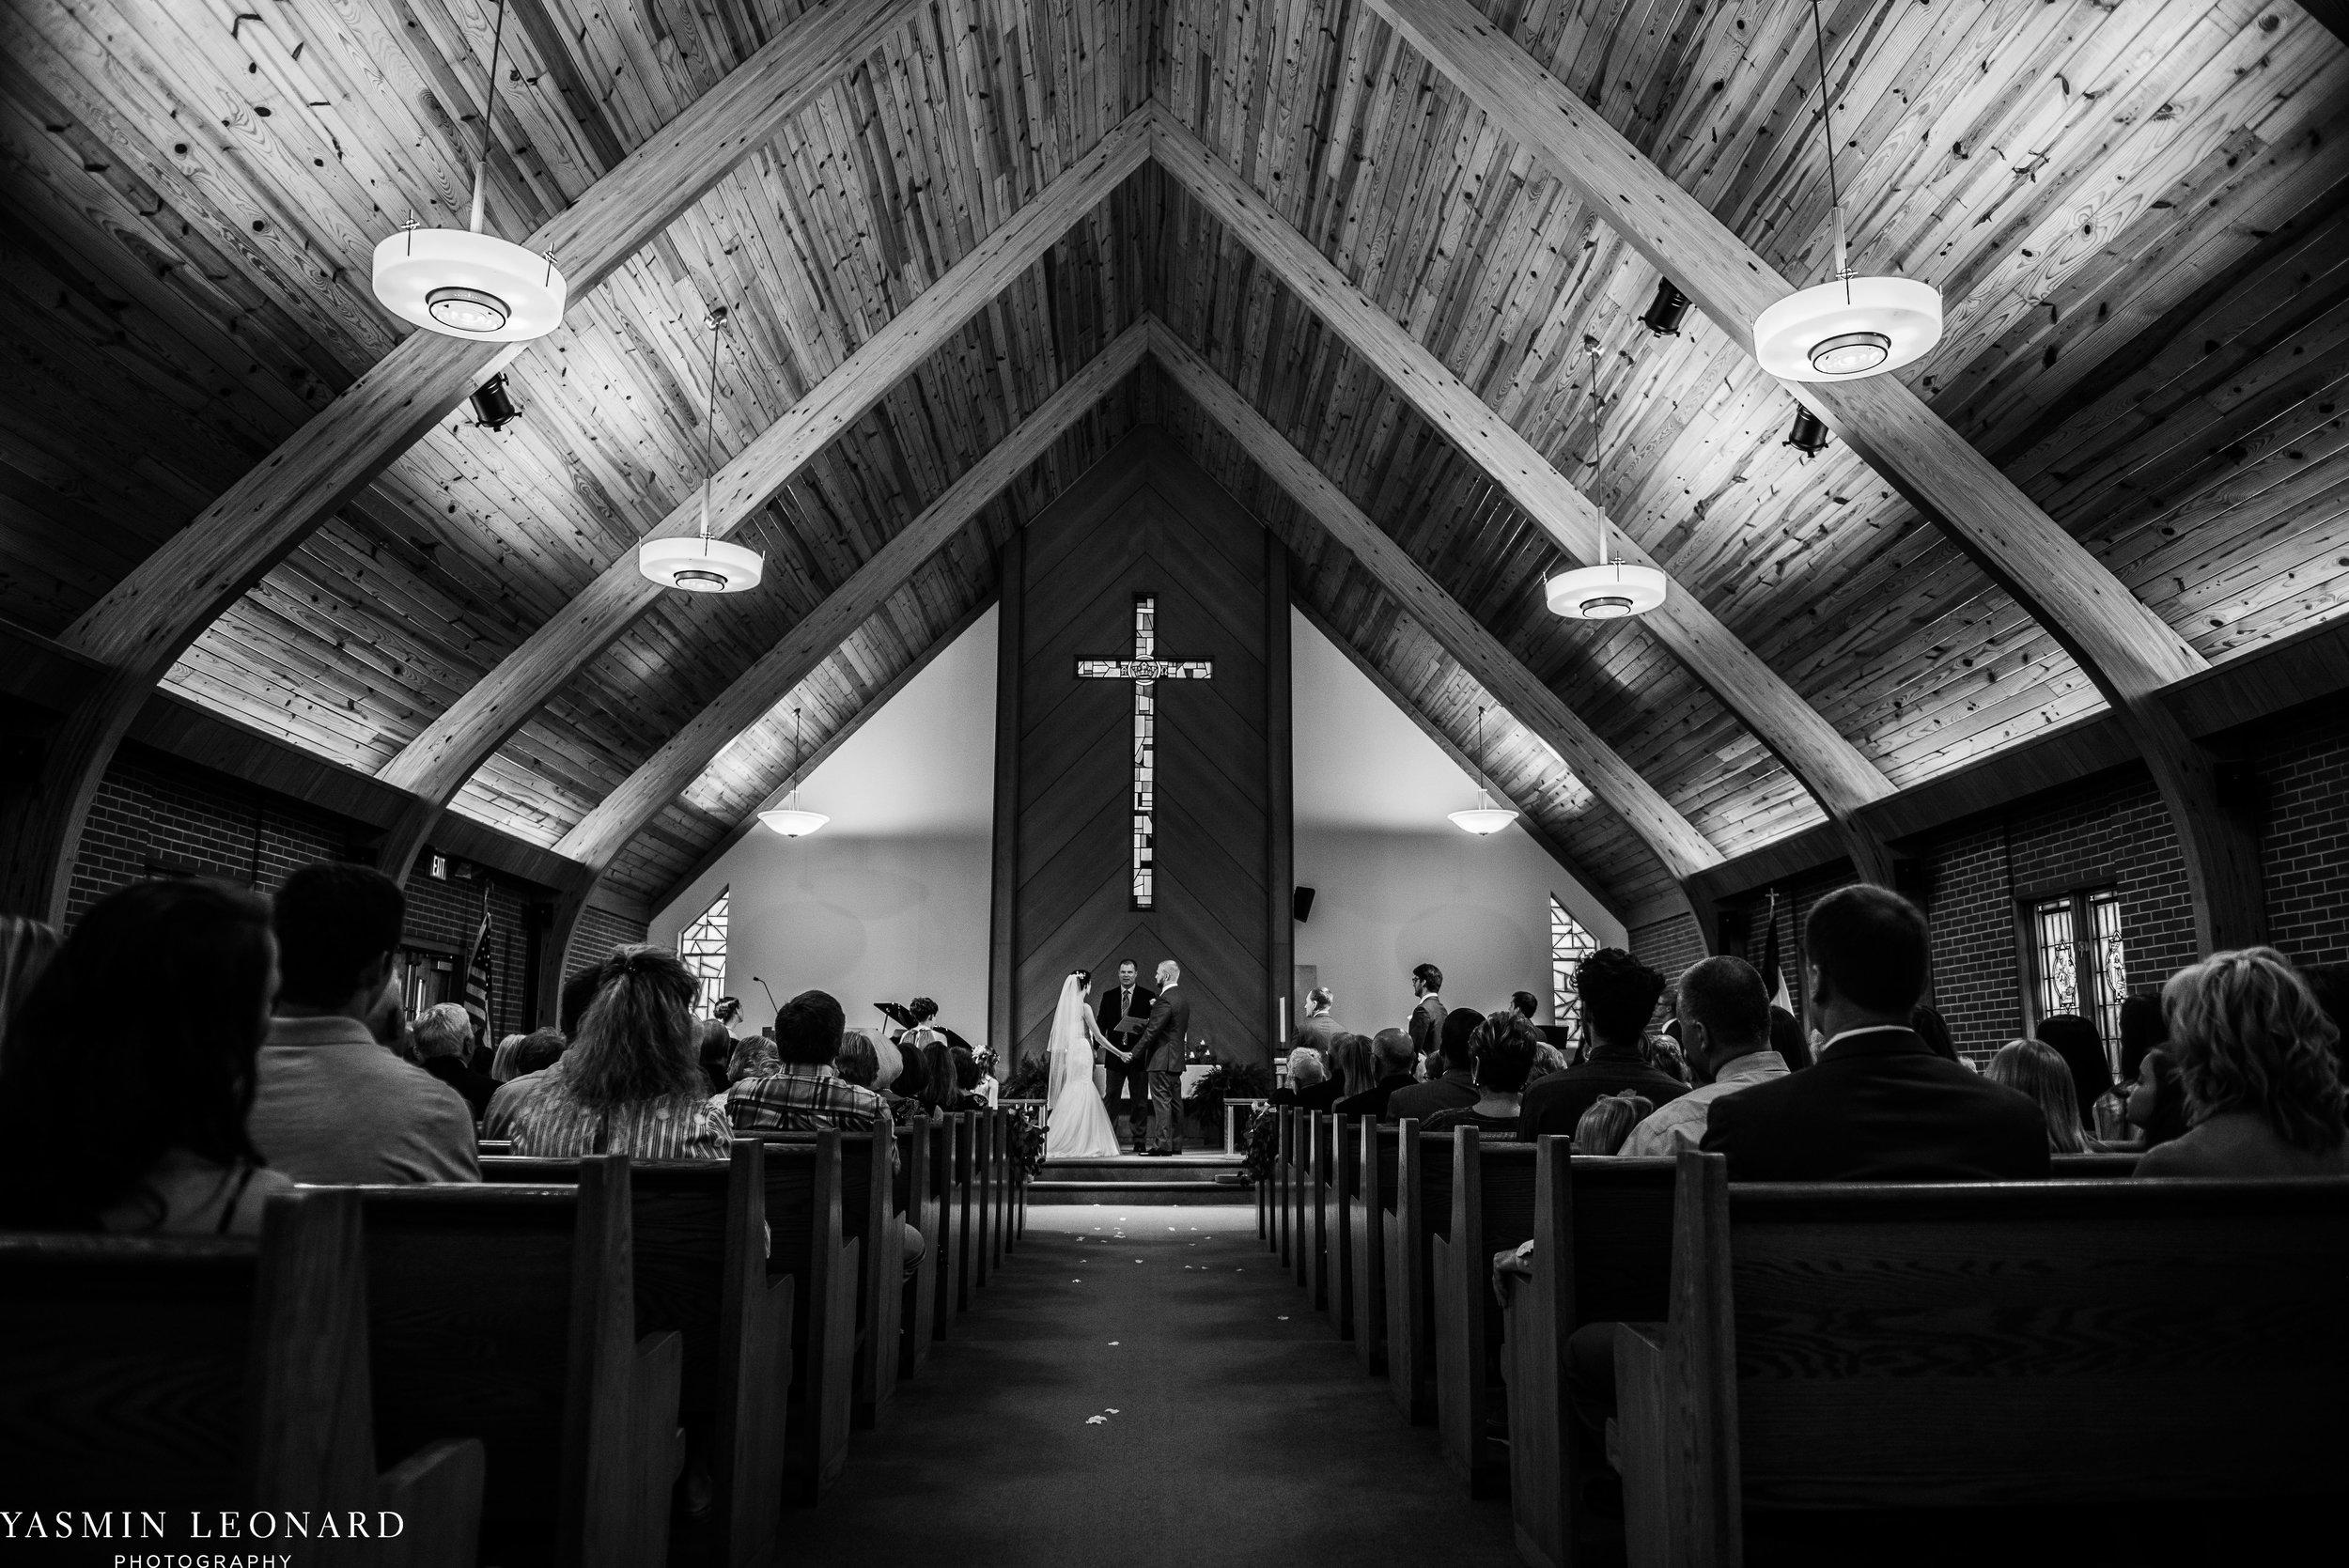 Mt. Pleasant Church - Church Wedding - Traditional Wedding - Church Ceremony - Country Wedding - Godly Wedding - NC Wedding Photographer - High Point Weddings - Triad Weddings - NC Venues-23.jpg